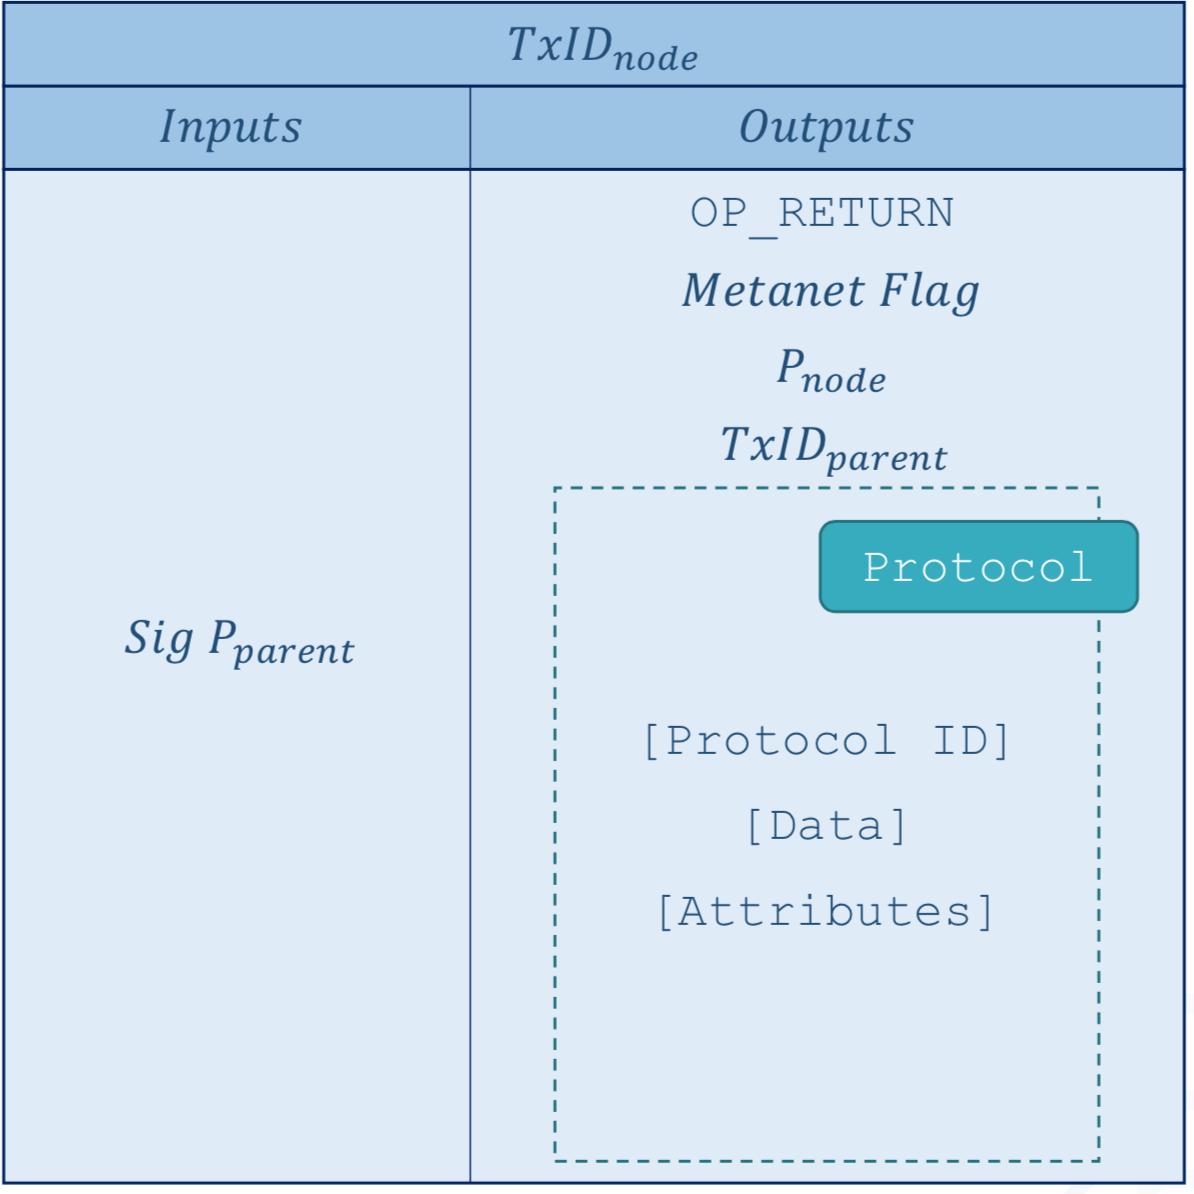 包含了 bit 协议的 Metanet